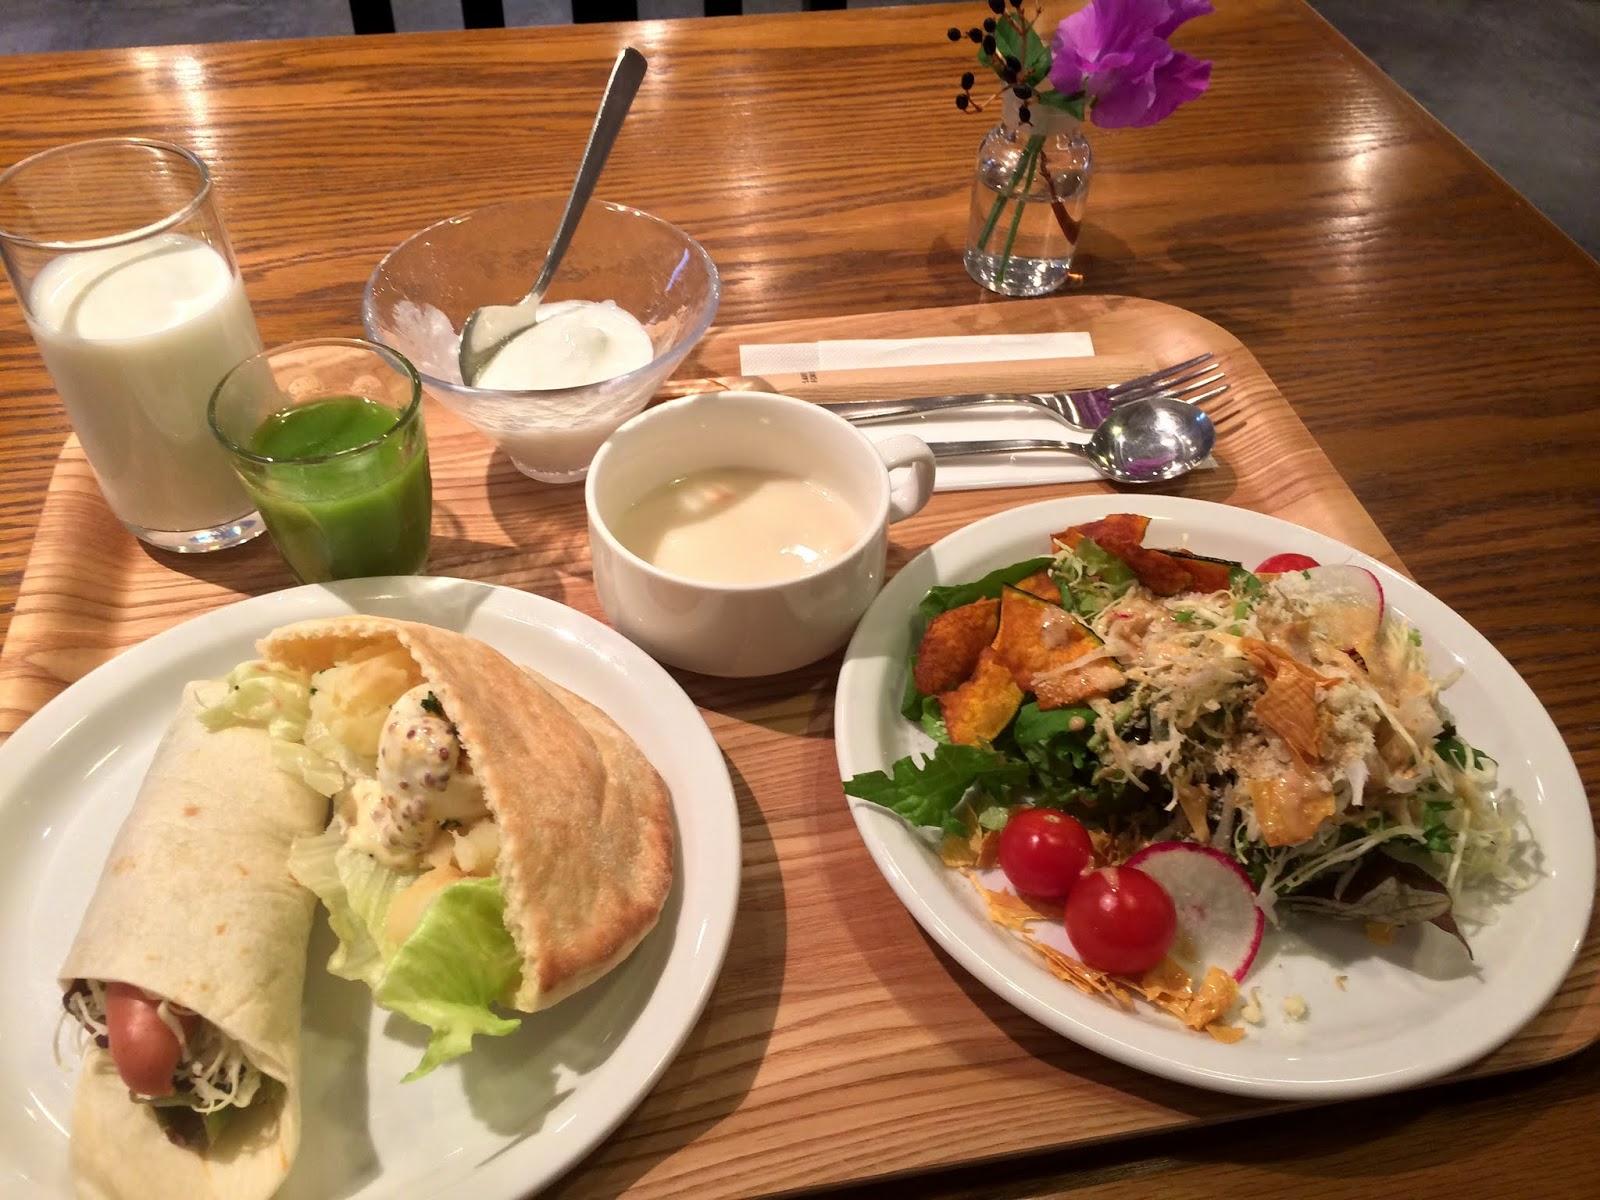 [日本][關西][京都][九條] 吃過最健康美味的酒店早餐:アンテ ...